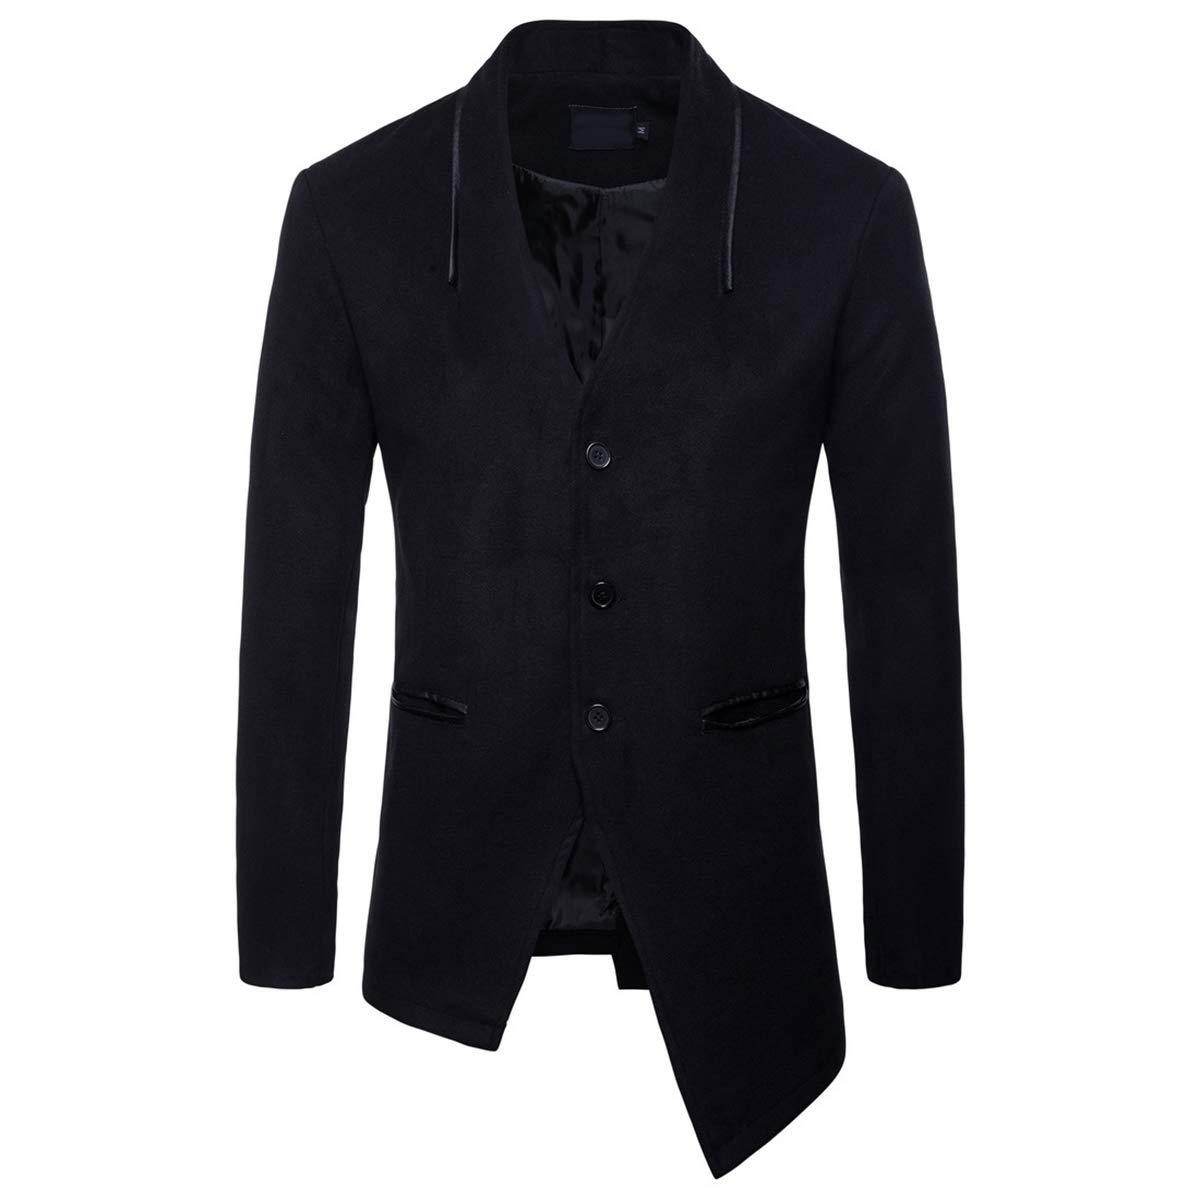 Black Aowofs Men's Peacoat Irregular Hem Blend Single-Breasted Coat V-Neck Slim Business Blazer